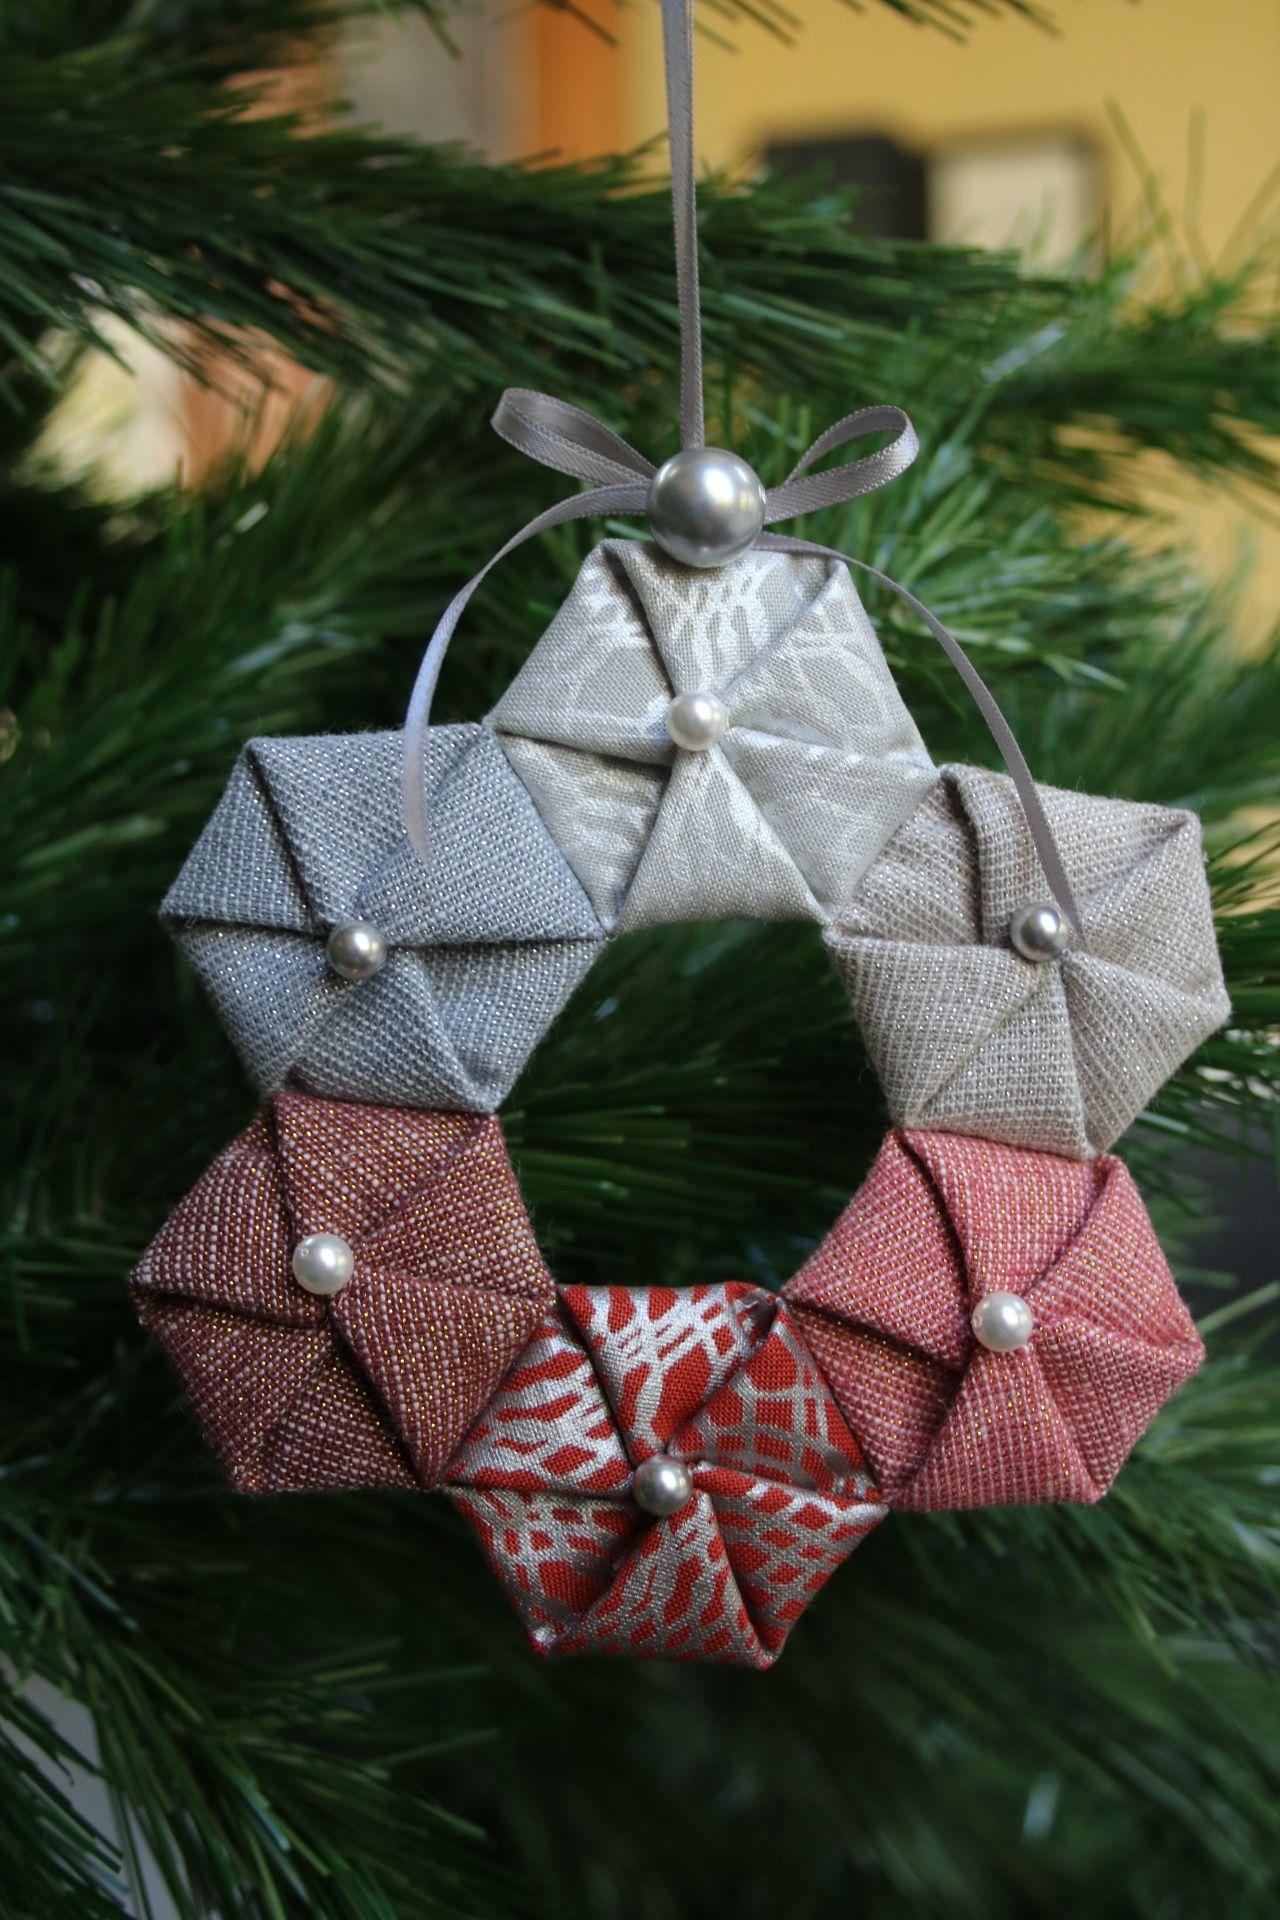 Hexie Wreathe Fabric Christmas Ornaments Quilted Christmas Ornaments Christmas Ornaments